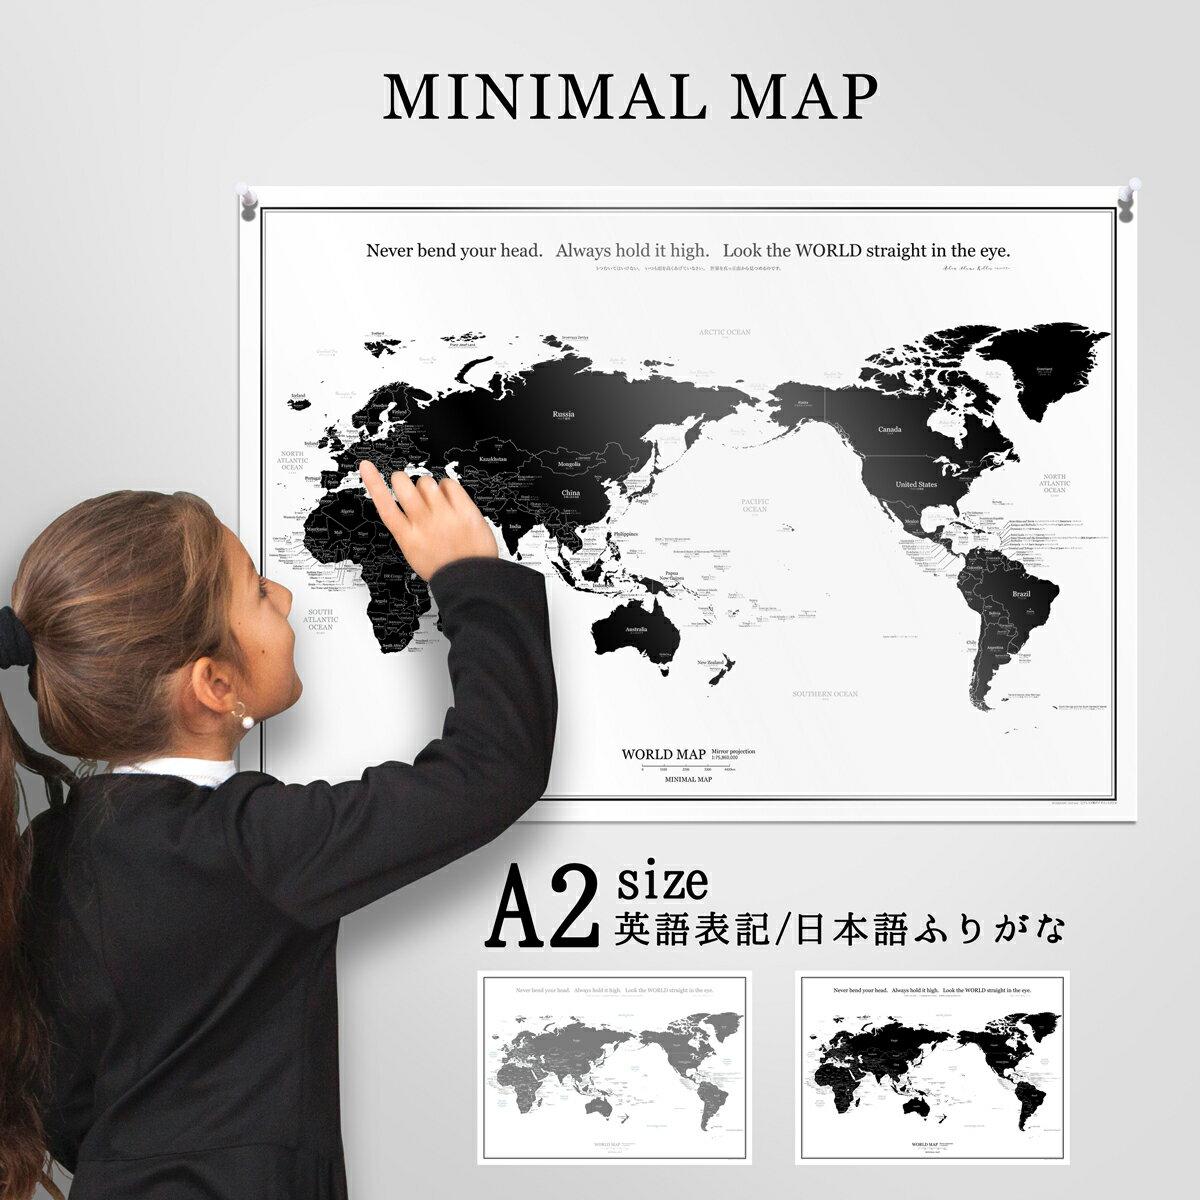 夜19時-5H【10%OFFクーポン】A2サイズ世界地図ポスター / 英語・日本語表記 / 白黒モノトーン A2サイズ /